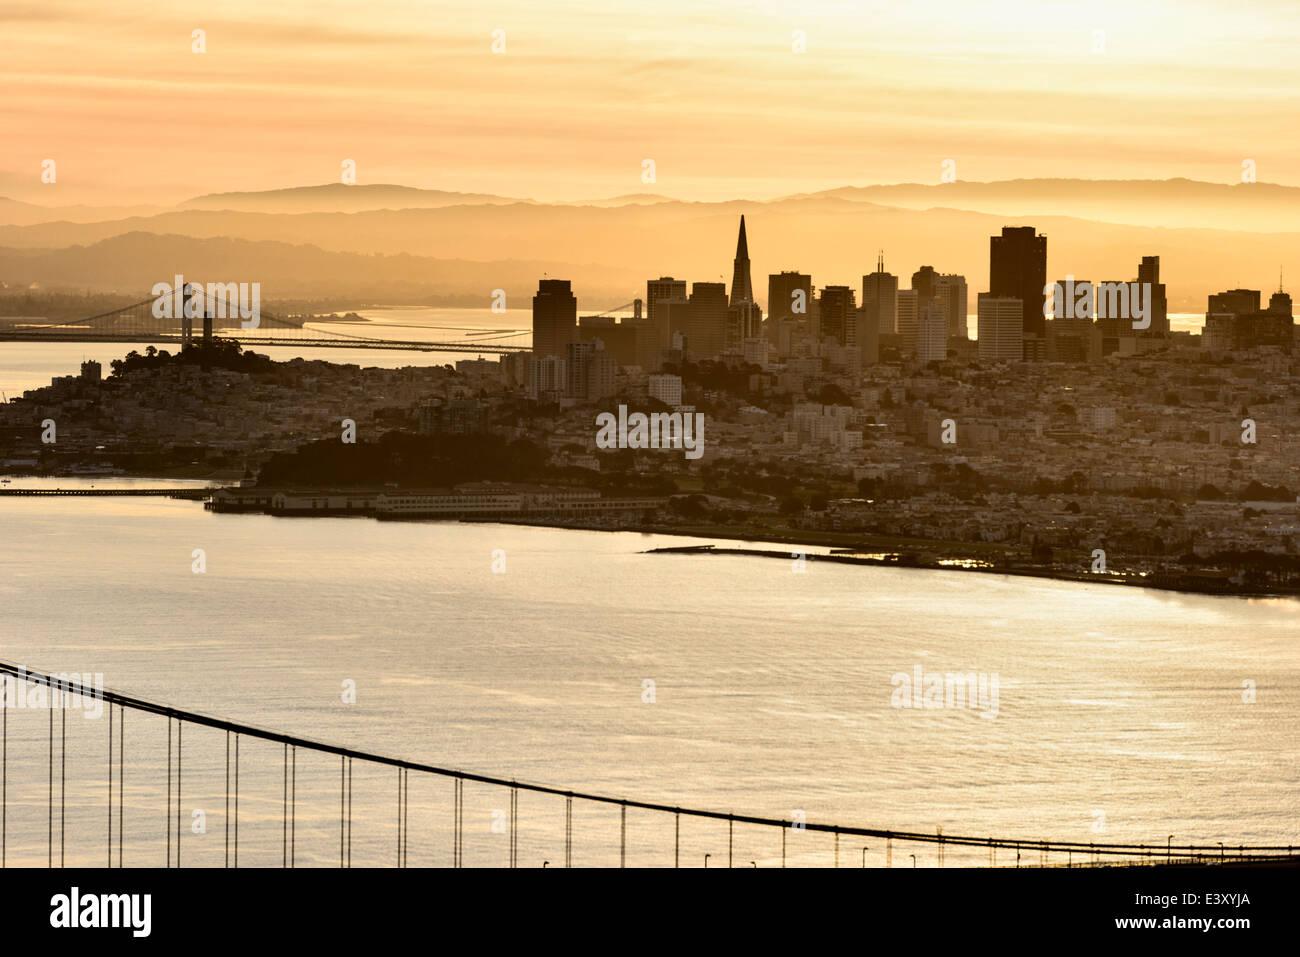 La silhouette della città di San Francisco skyline al tramonto, San Francisco, California, Stati Uniti Immagini Stock